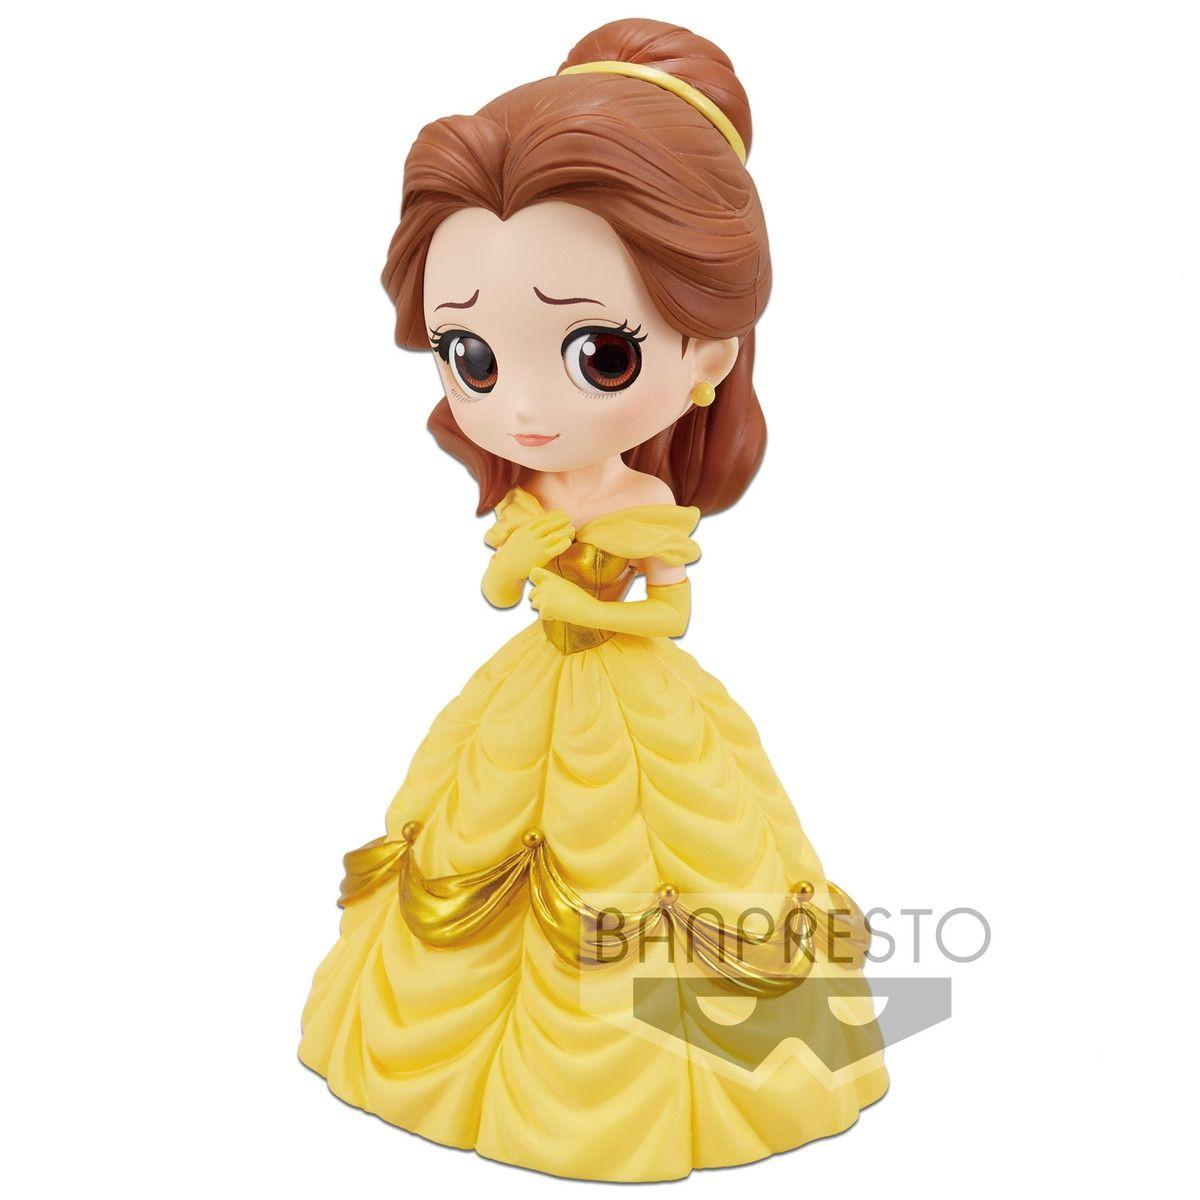 Disney Q posket Belle - Princesa Bela - Banpresto